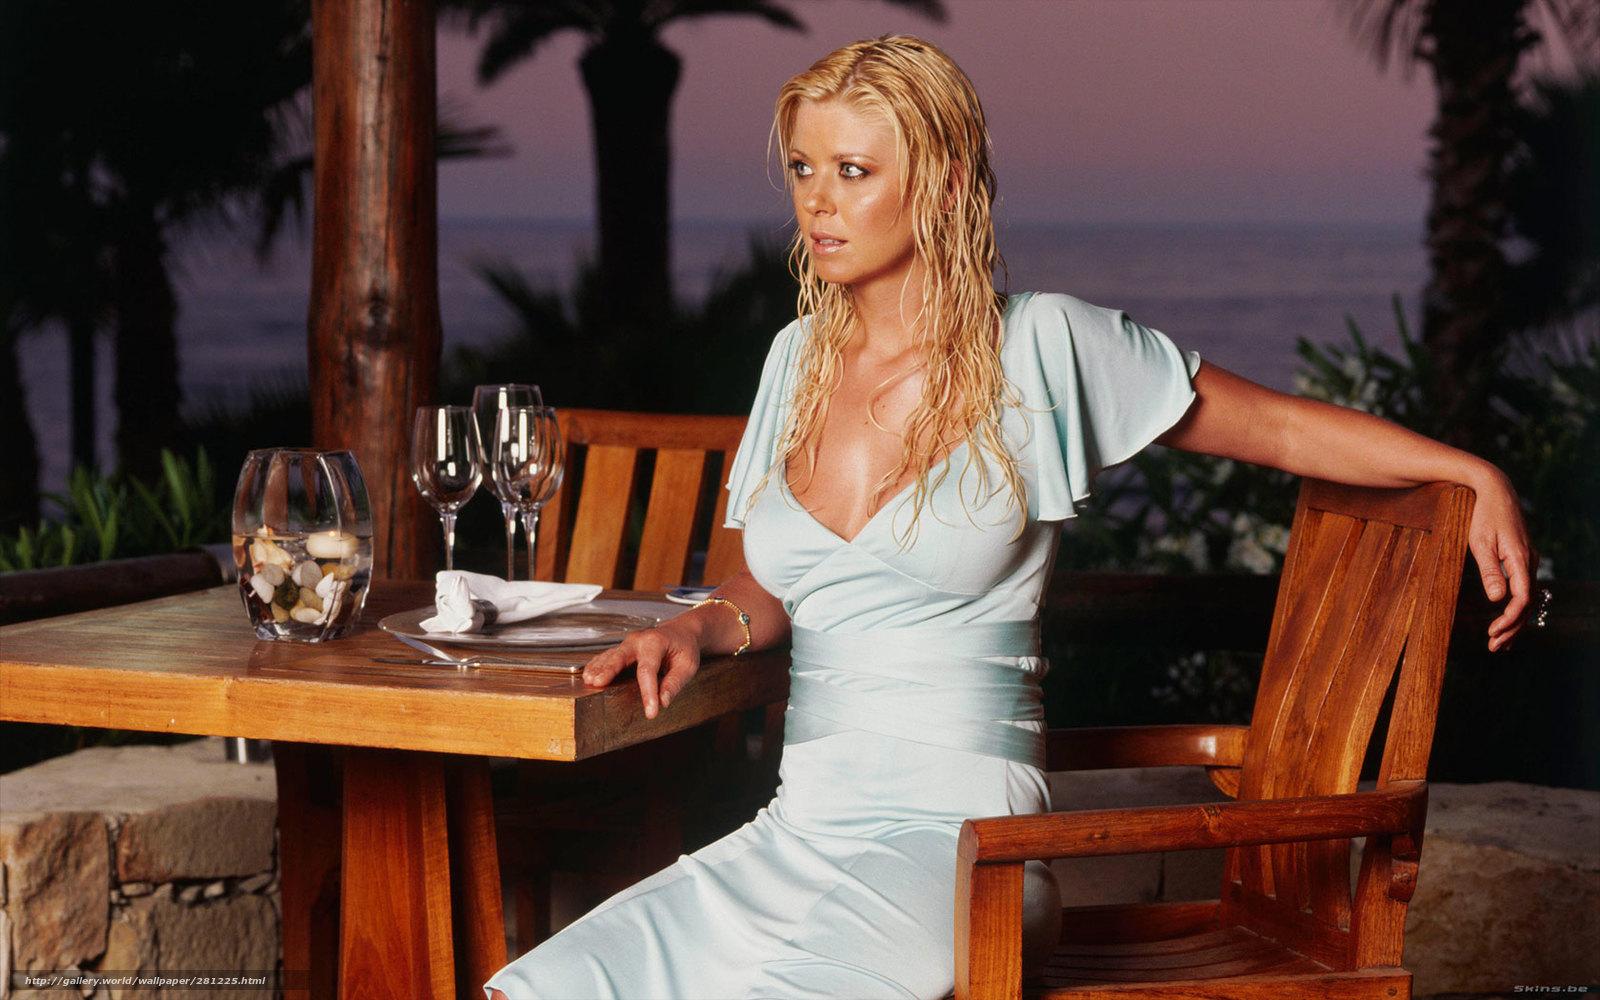 Фотографии голых женщин в ресторане кафе 18 фотография